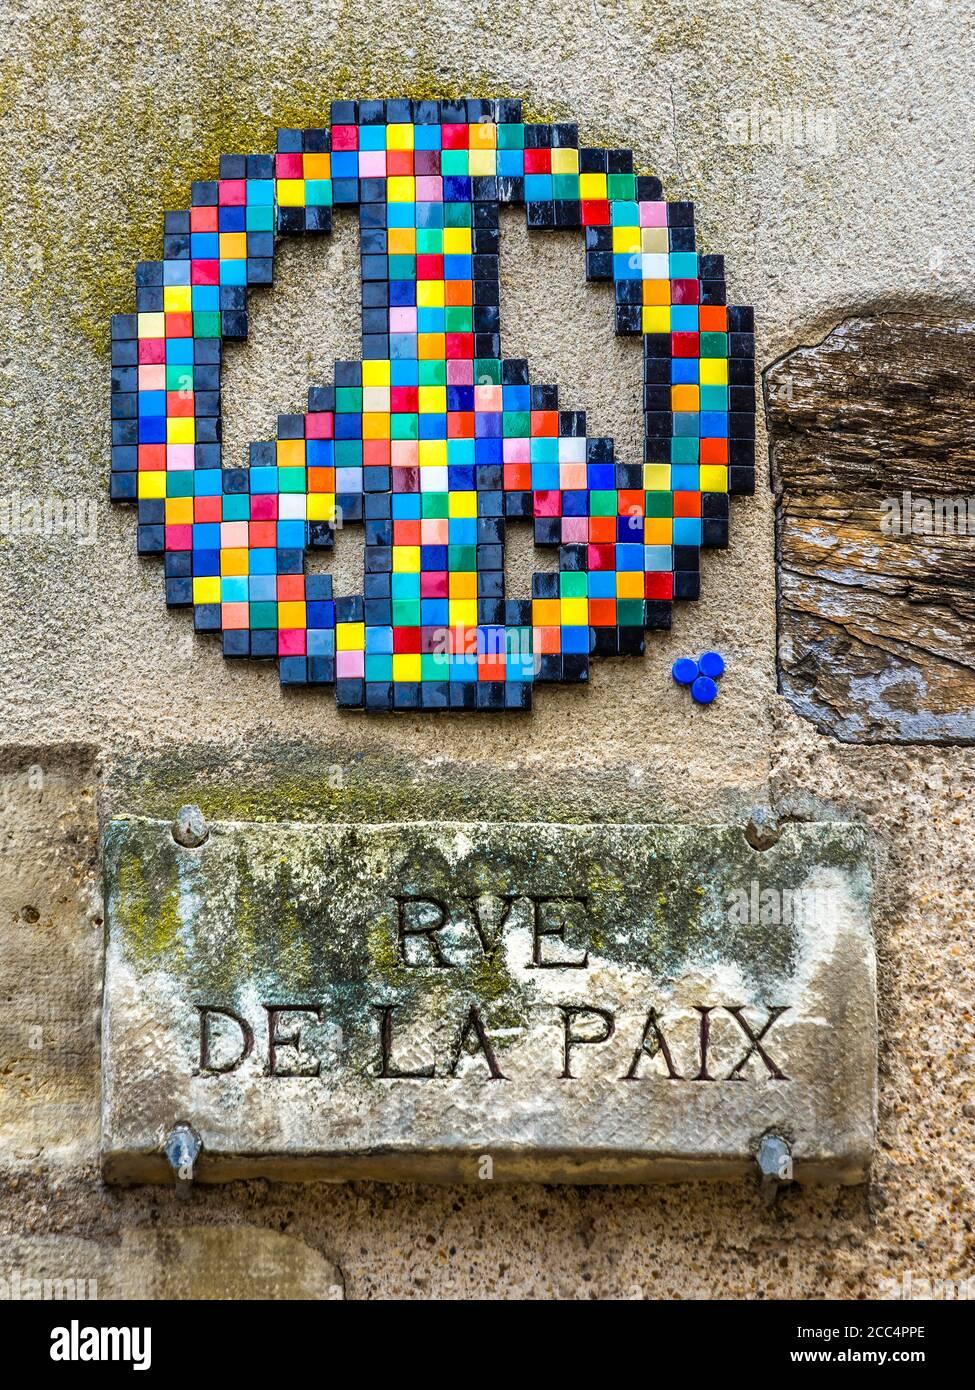 """Keramikmosaik """"Frieden"""" Symbol von Street Artist """"Invader"""" in der Rue de la Paix (Peace Street / Road), Tours, Indre-et-Loire, Frankreich. Stockfoto"""